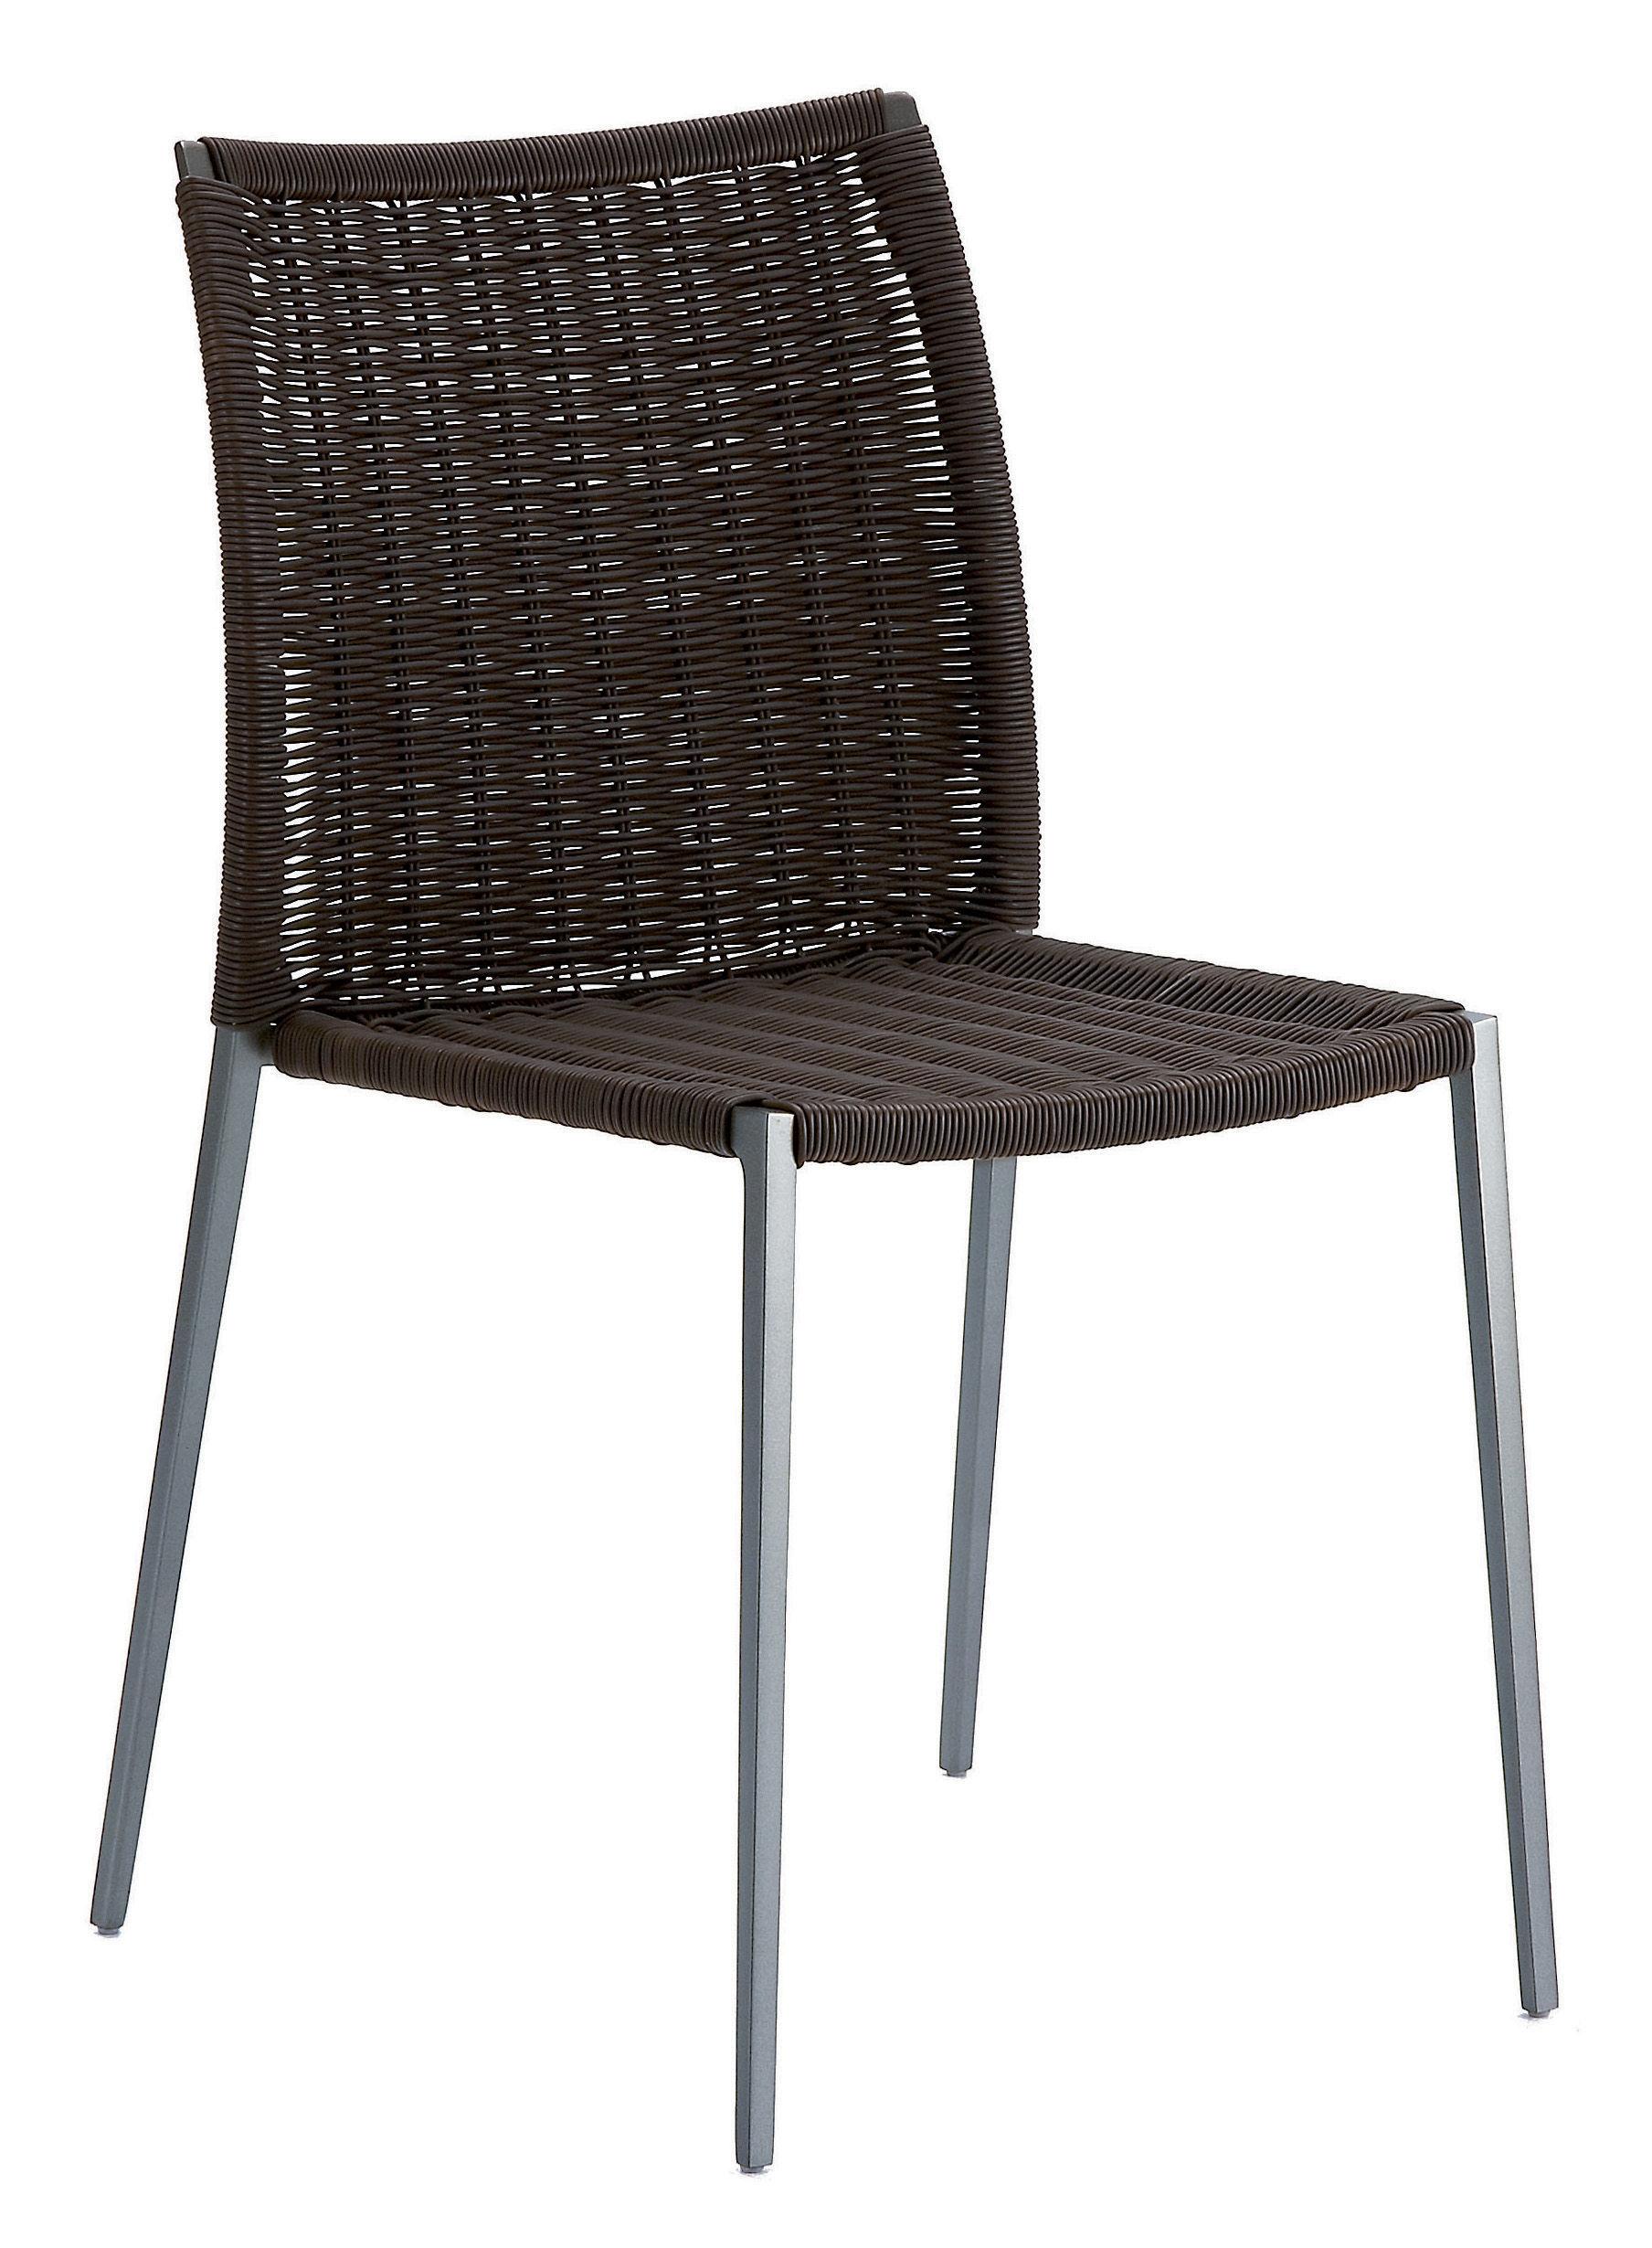 Mobilier - Chaises, fauteuils de salle à manger - Chaise empilable Talia / Tressage fils PVC - Zanotta - Marron / structure graphite - Aluminium verni, PVC